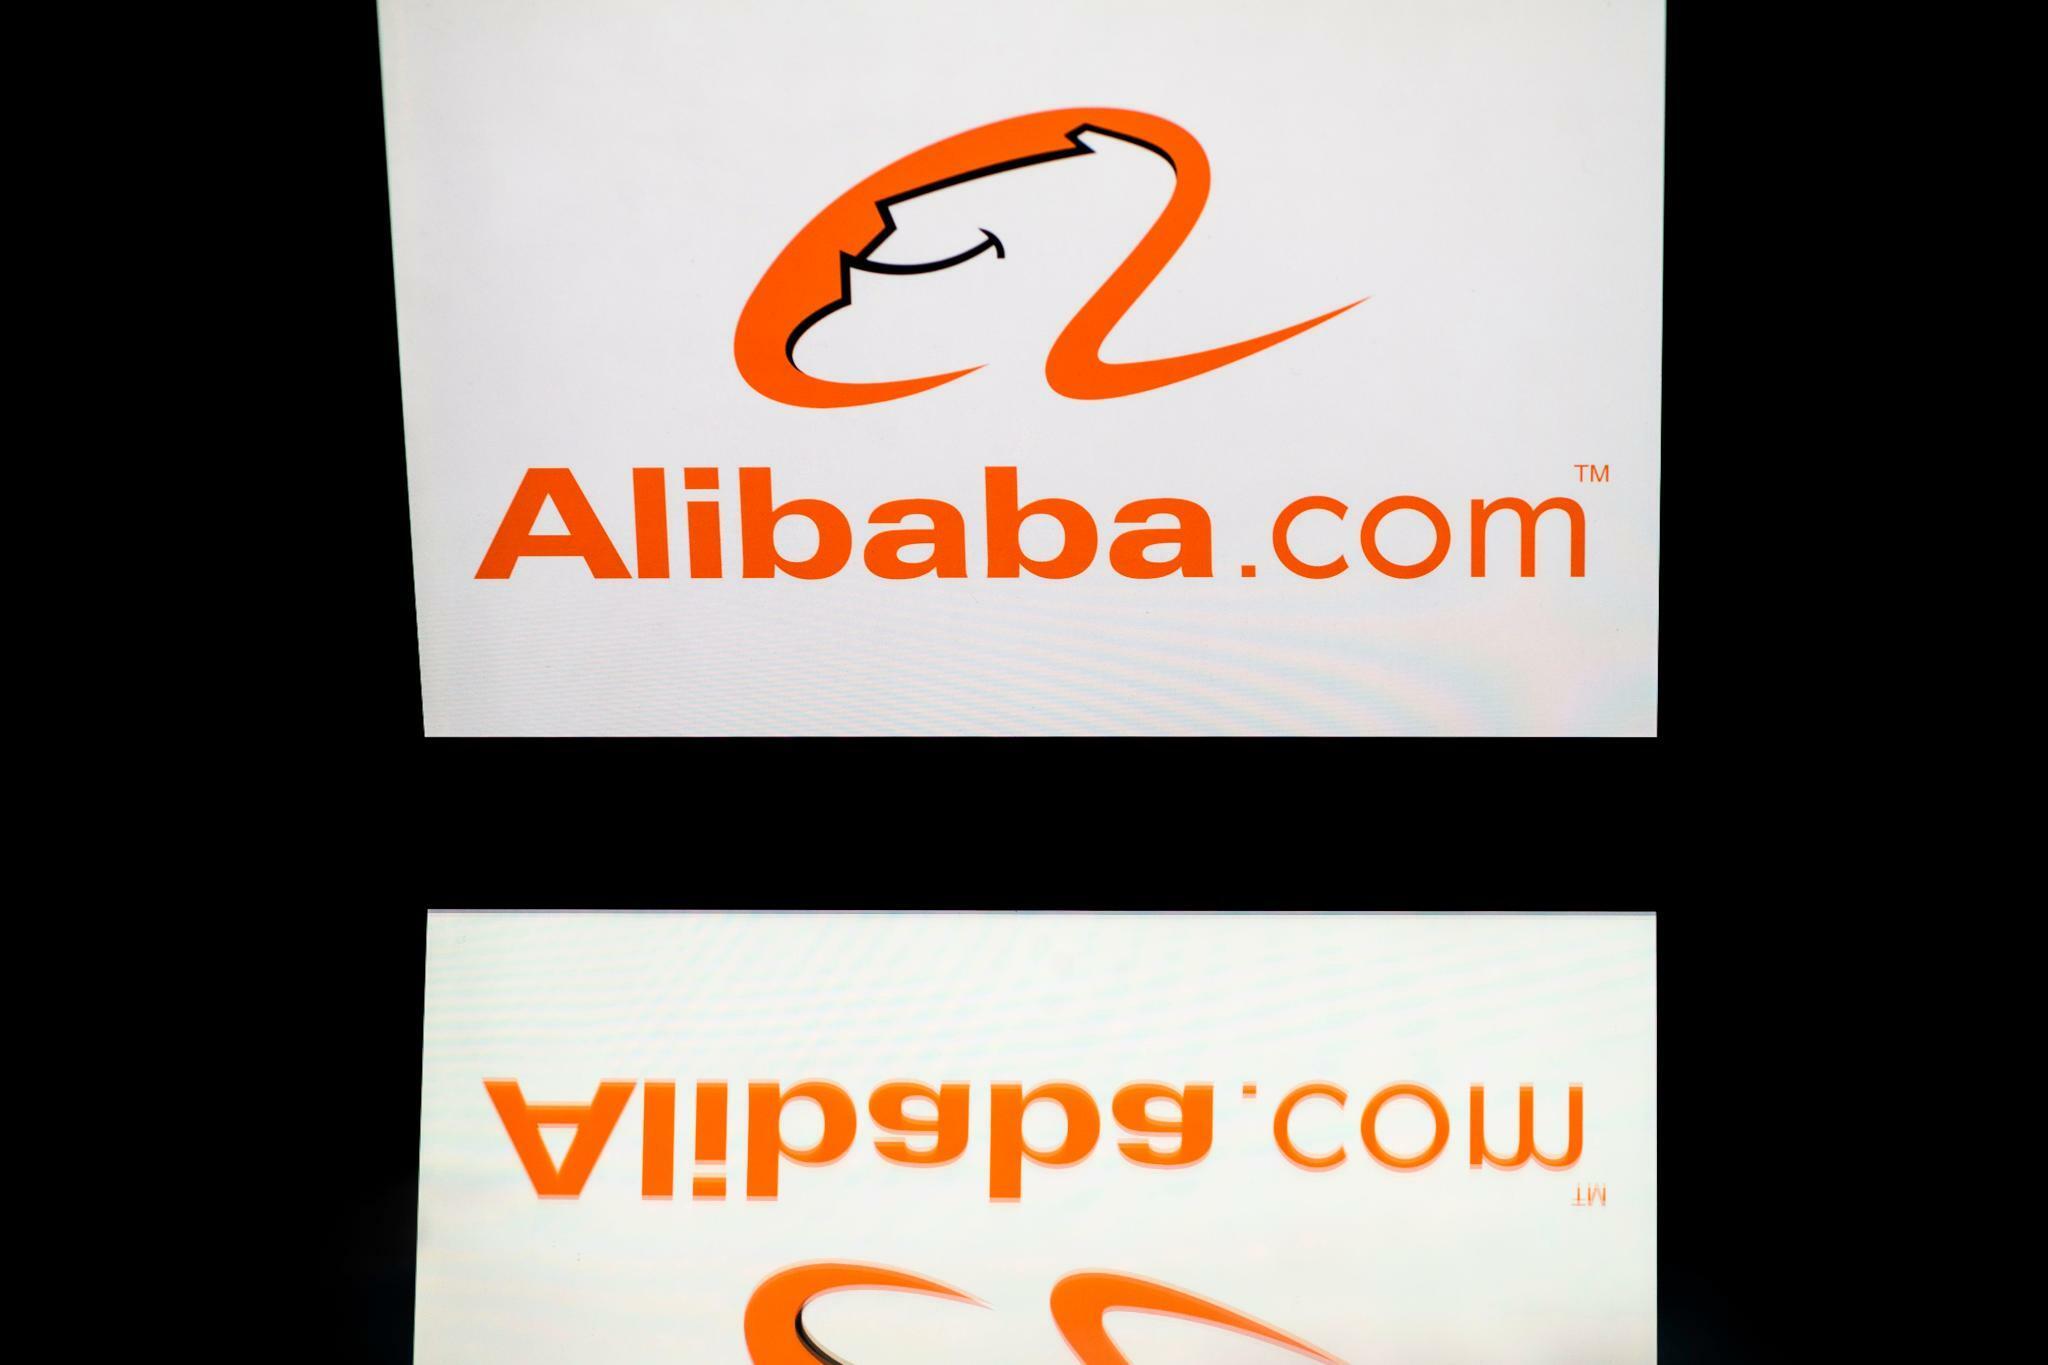 Alibaba rechnet bei Hongkong-Börsengang mit zehn Milliarden Dollar